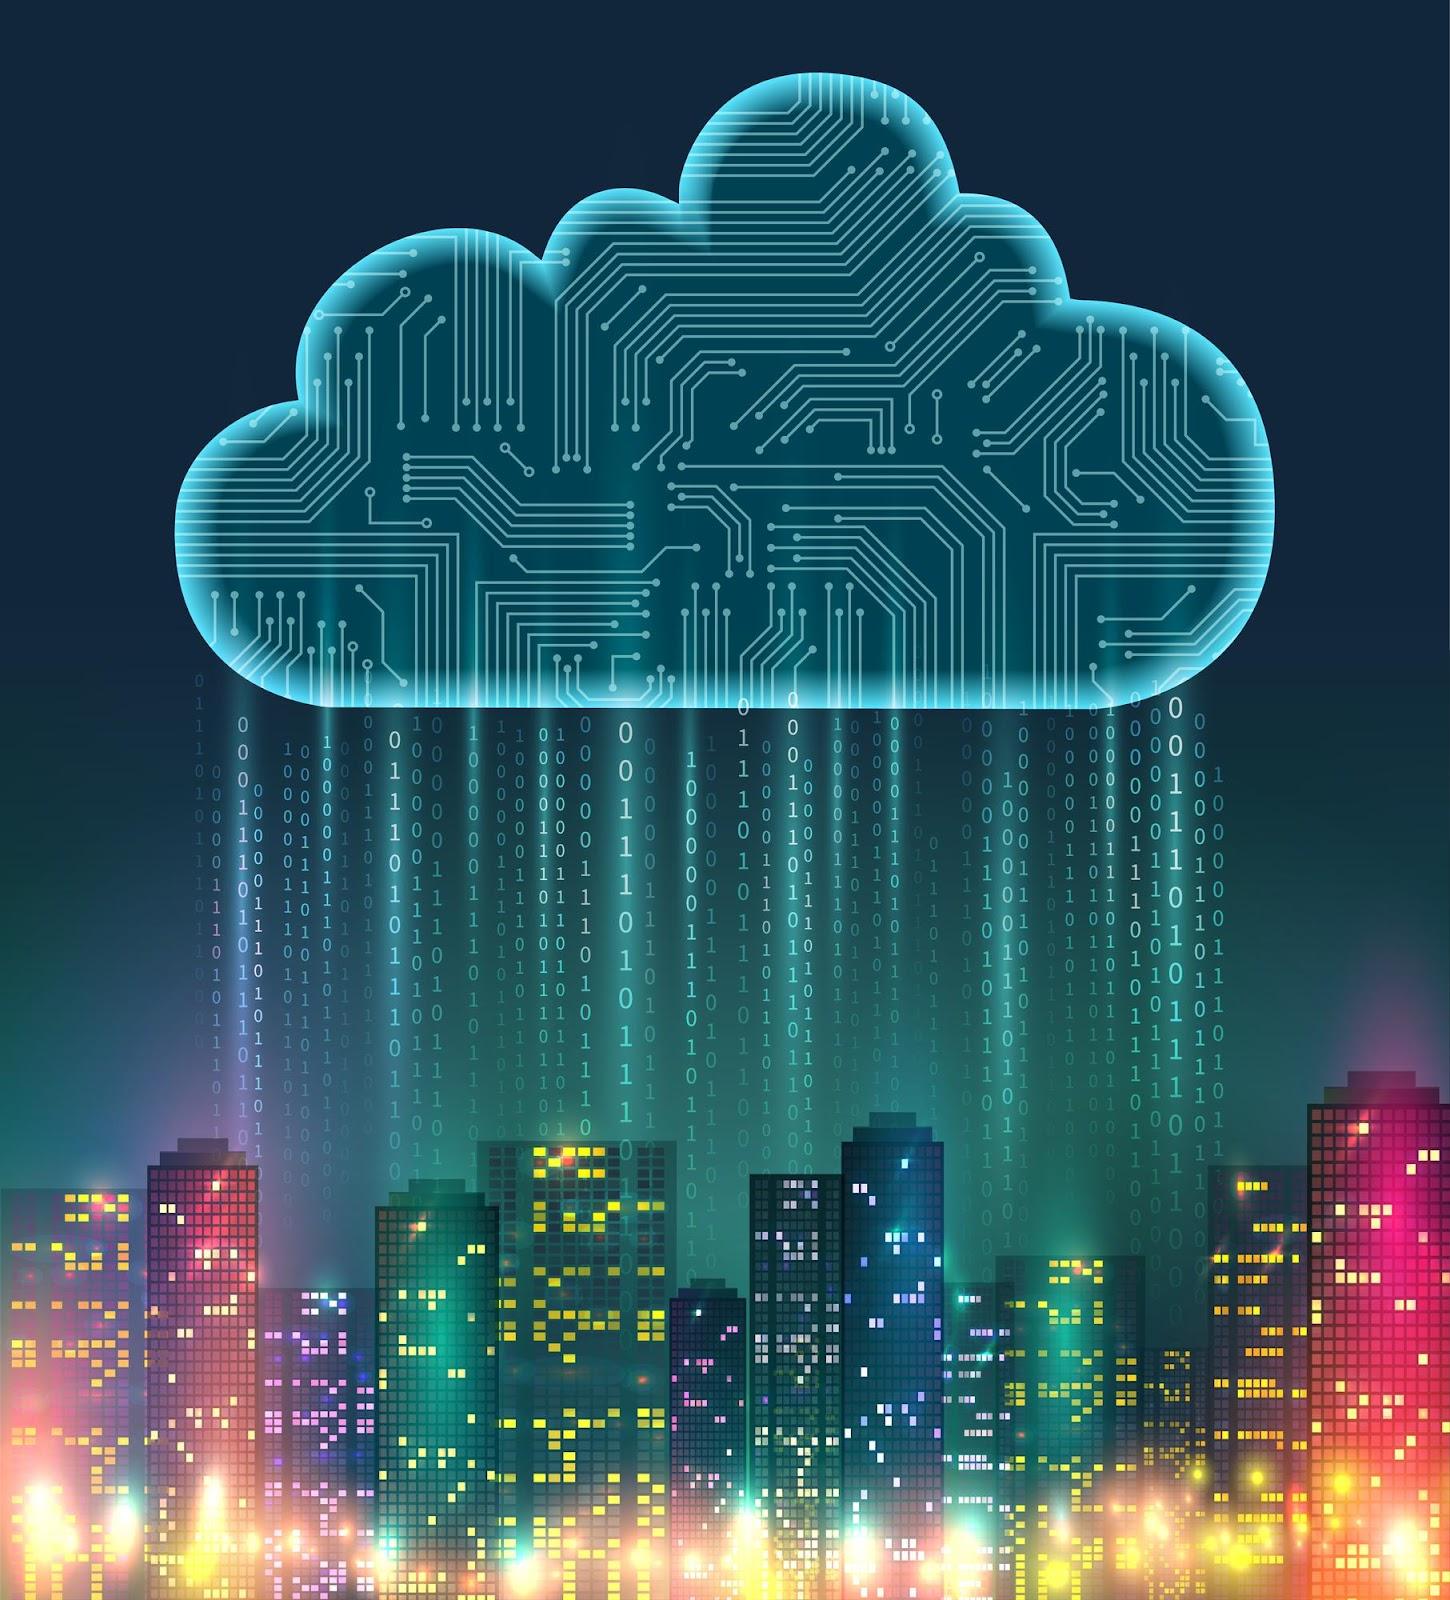 Imagem criada digitalmente, na qual um ícone no formato nuvem chove números sobre a cidade, ilustrando o que significa backup e sua importância na modalidade cloud.